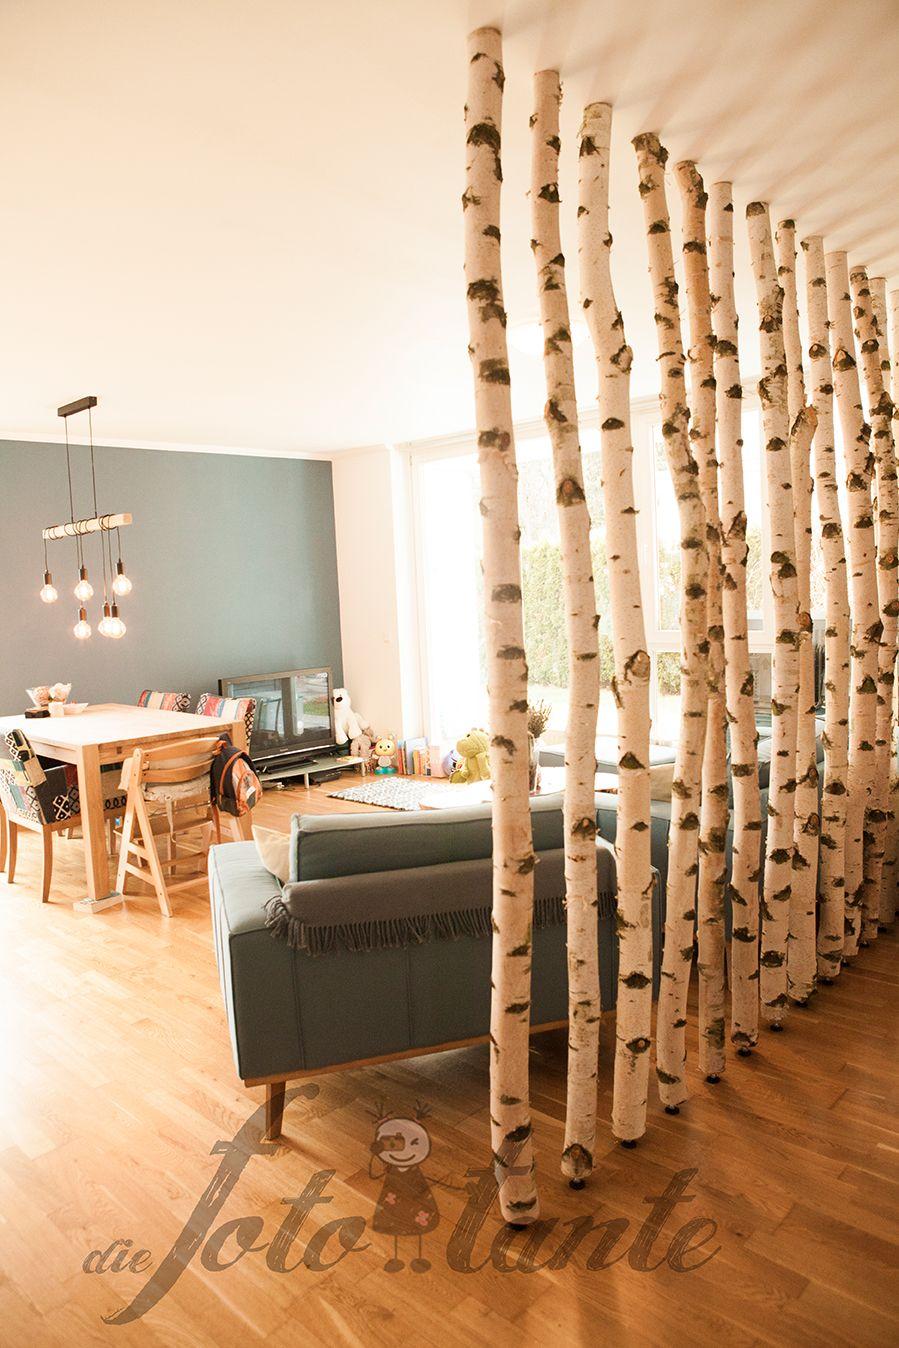 Trennwand #Wohnwand #Birkenstämme #Holz #dieFototante | Birkenstämme ...